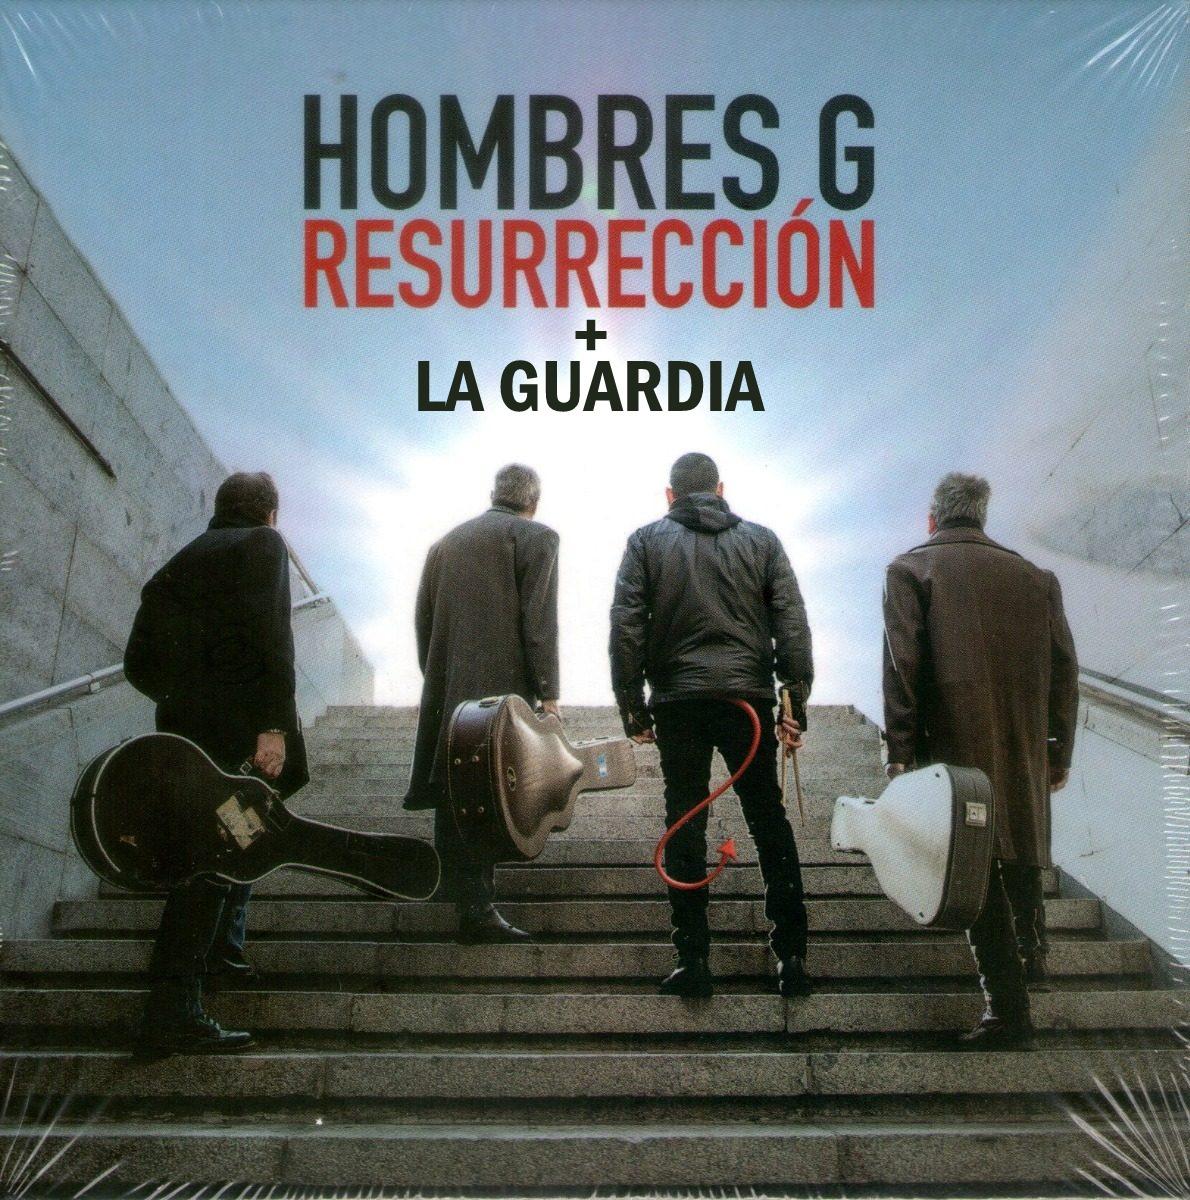 Pandora Producciones - Hombres G + La Guardia - Valladolid - Simancas - Mayo - 2020